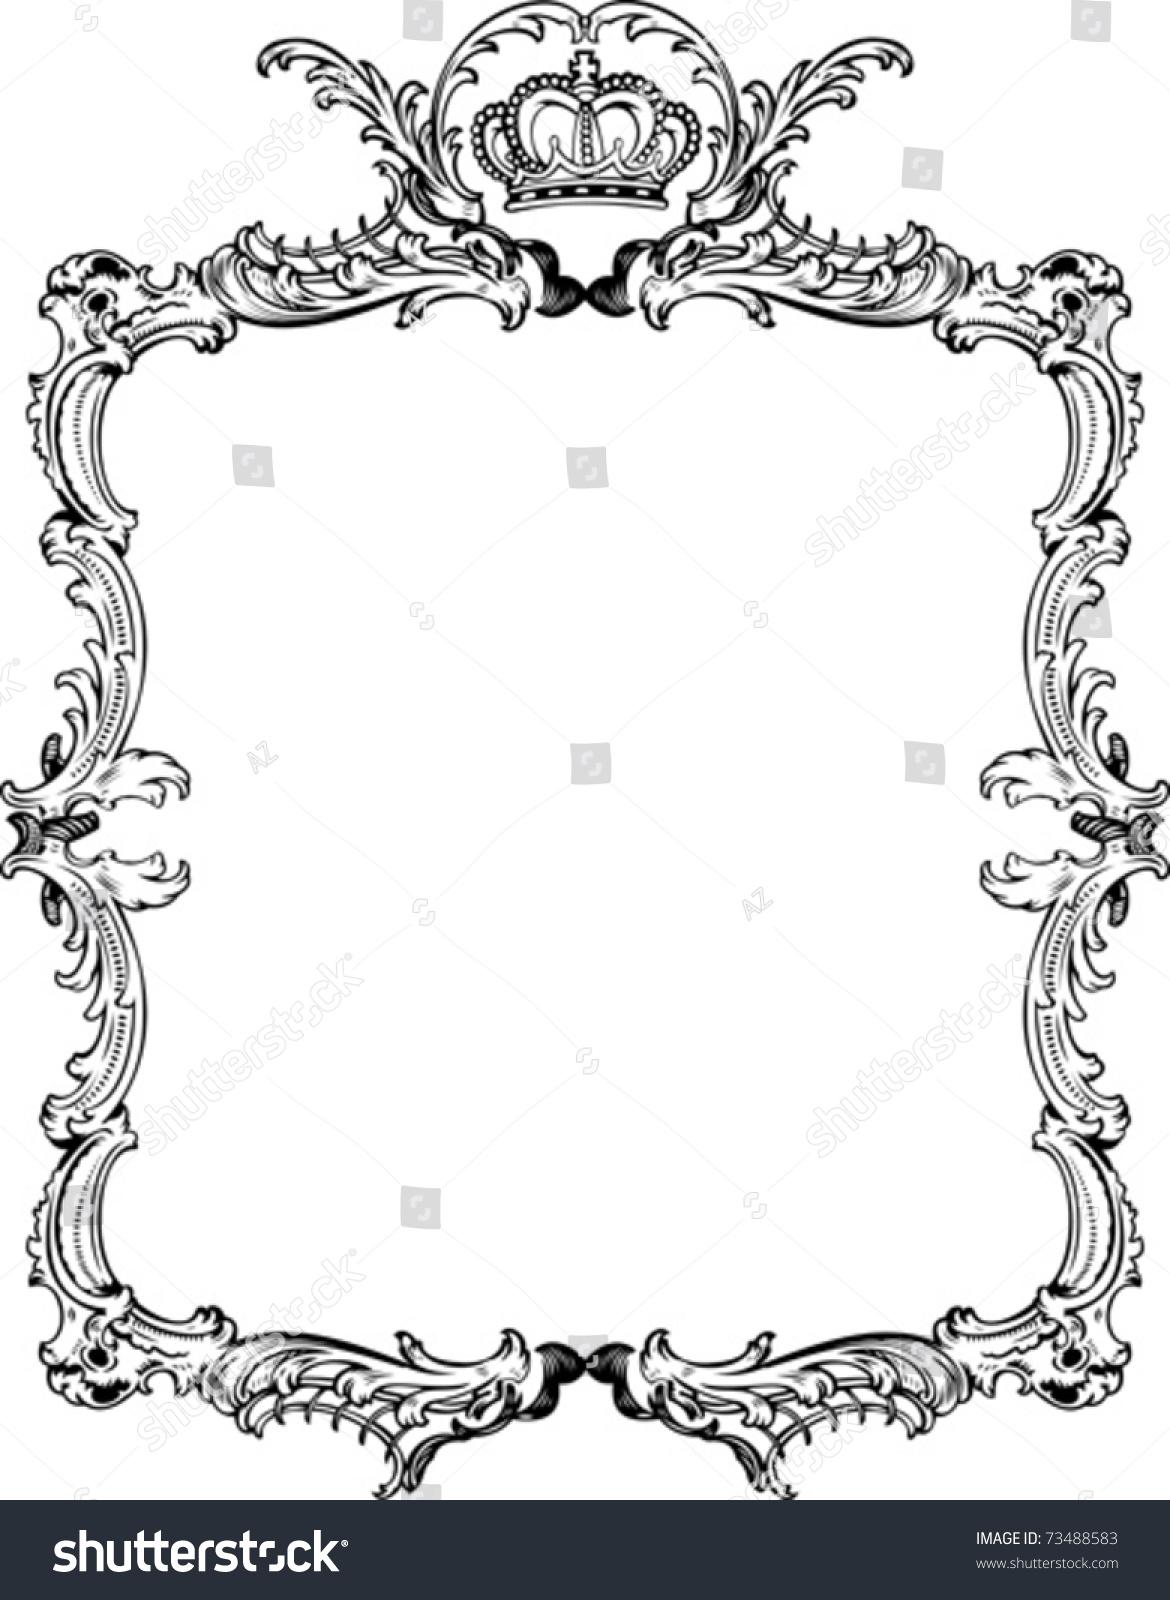 decorative vintage ornate frame vector illustration stock vector